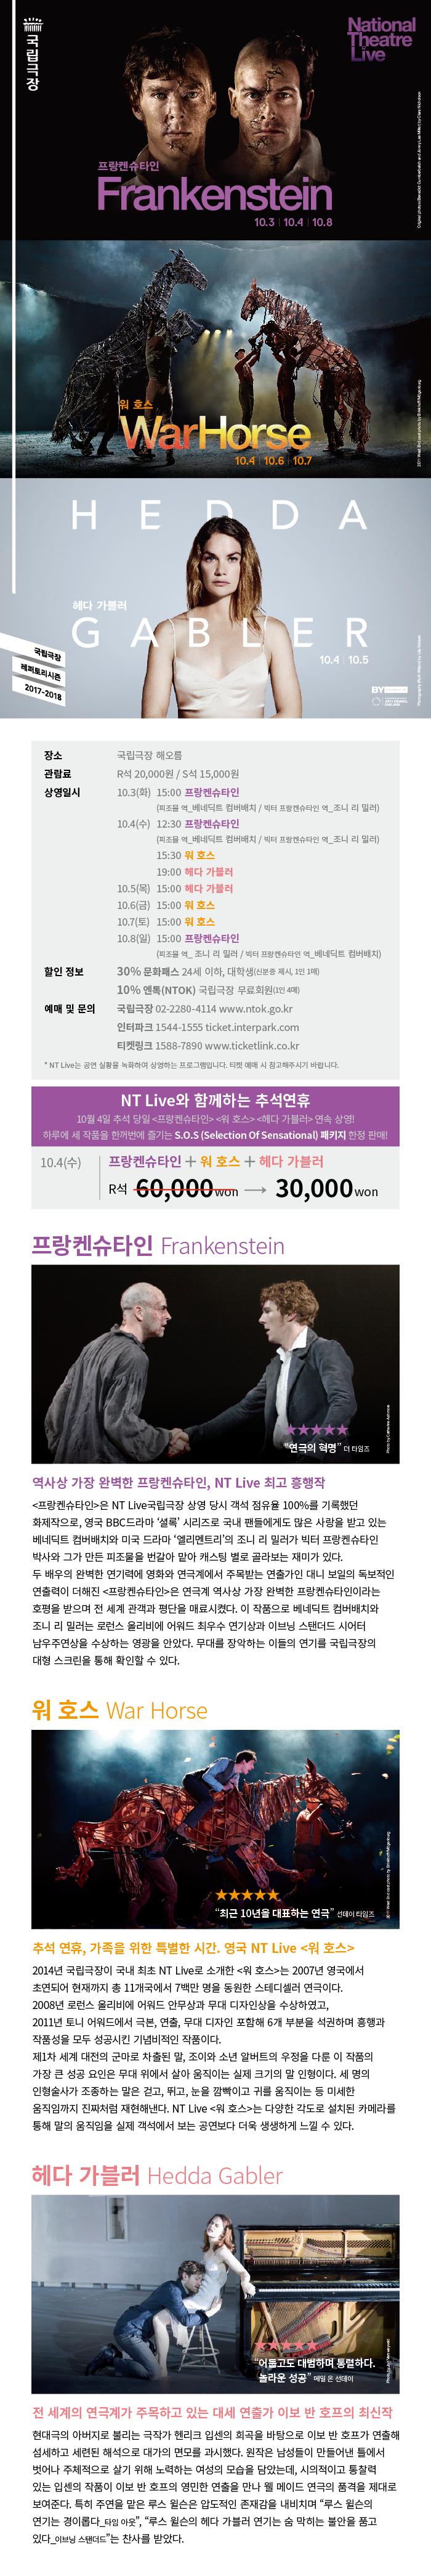 NT Live통합_국립극장.jpg